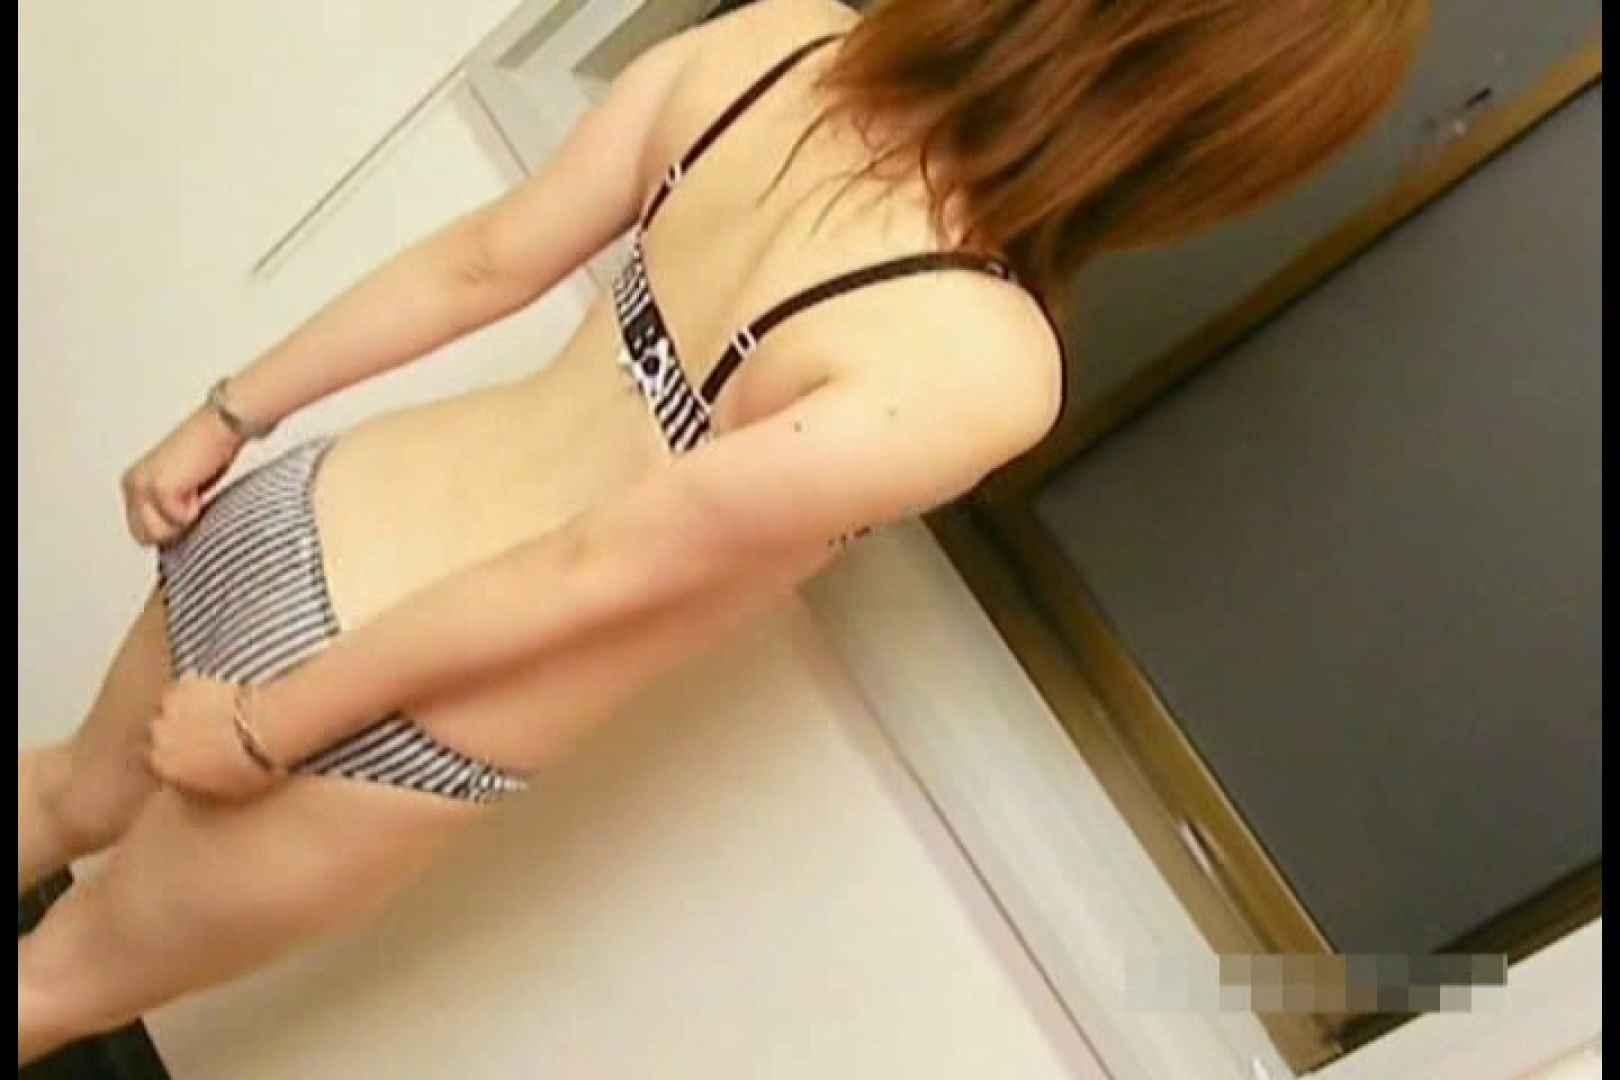 素人撮影 下着だけの撮影のはずが・・・愛22歳 おっぱい娘  89連発 68